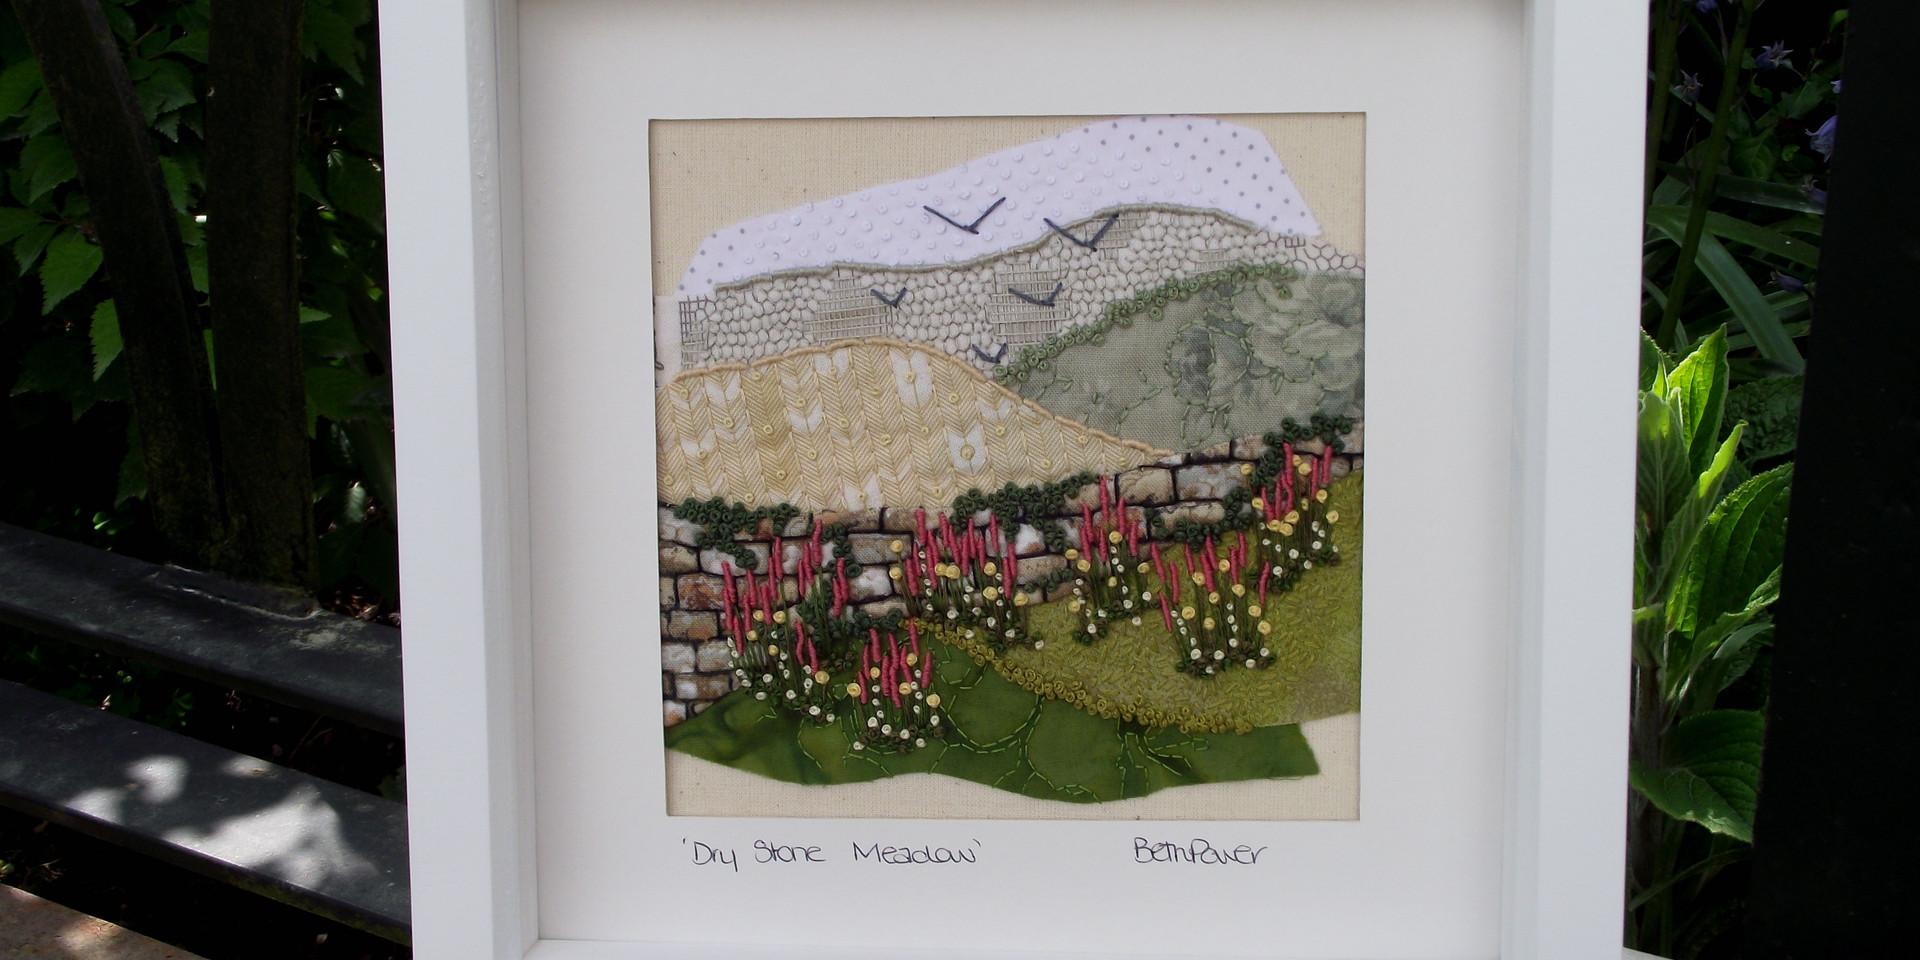 Dry Stone Meadow